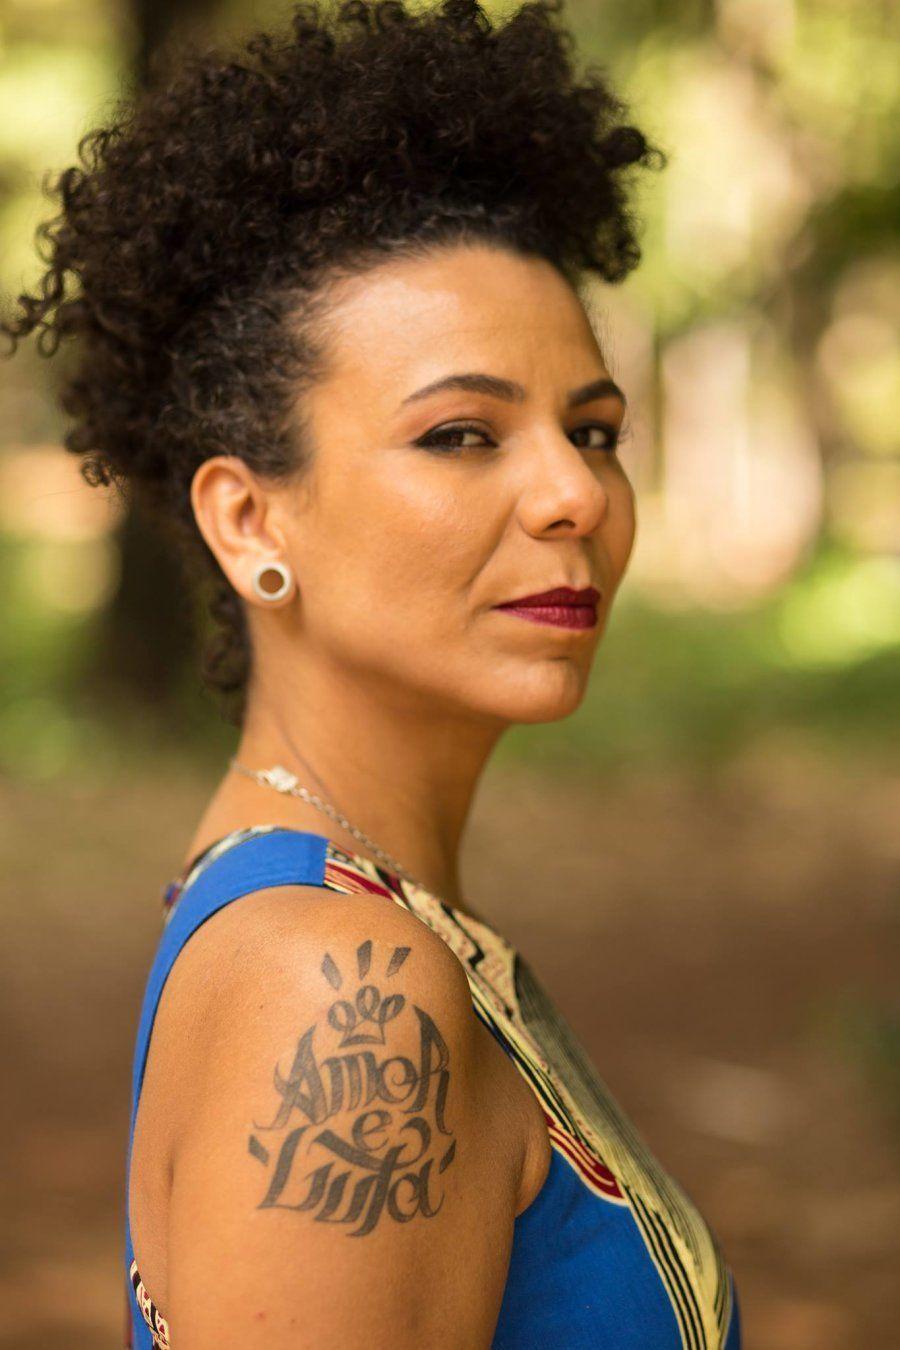 A vereadora de Belo Horizonte Áurea Carolina, do Psol, multiplicou quase dez vezes a votação que à levou...